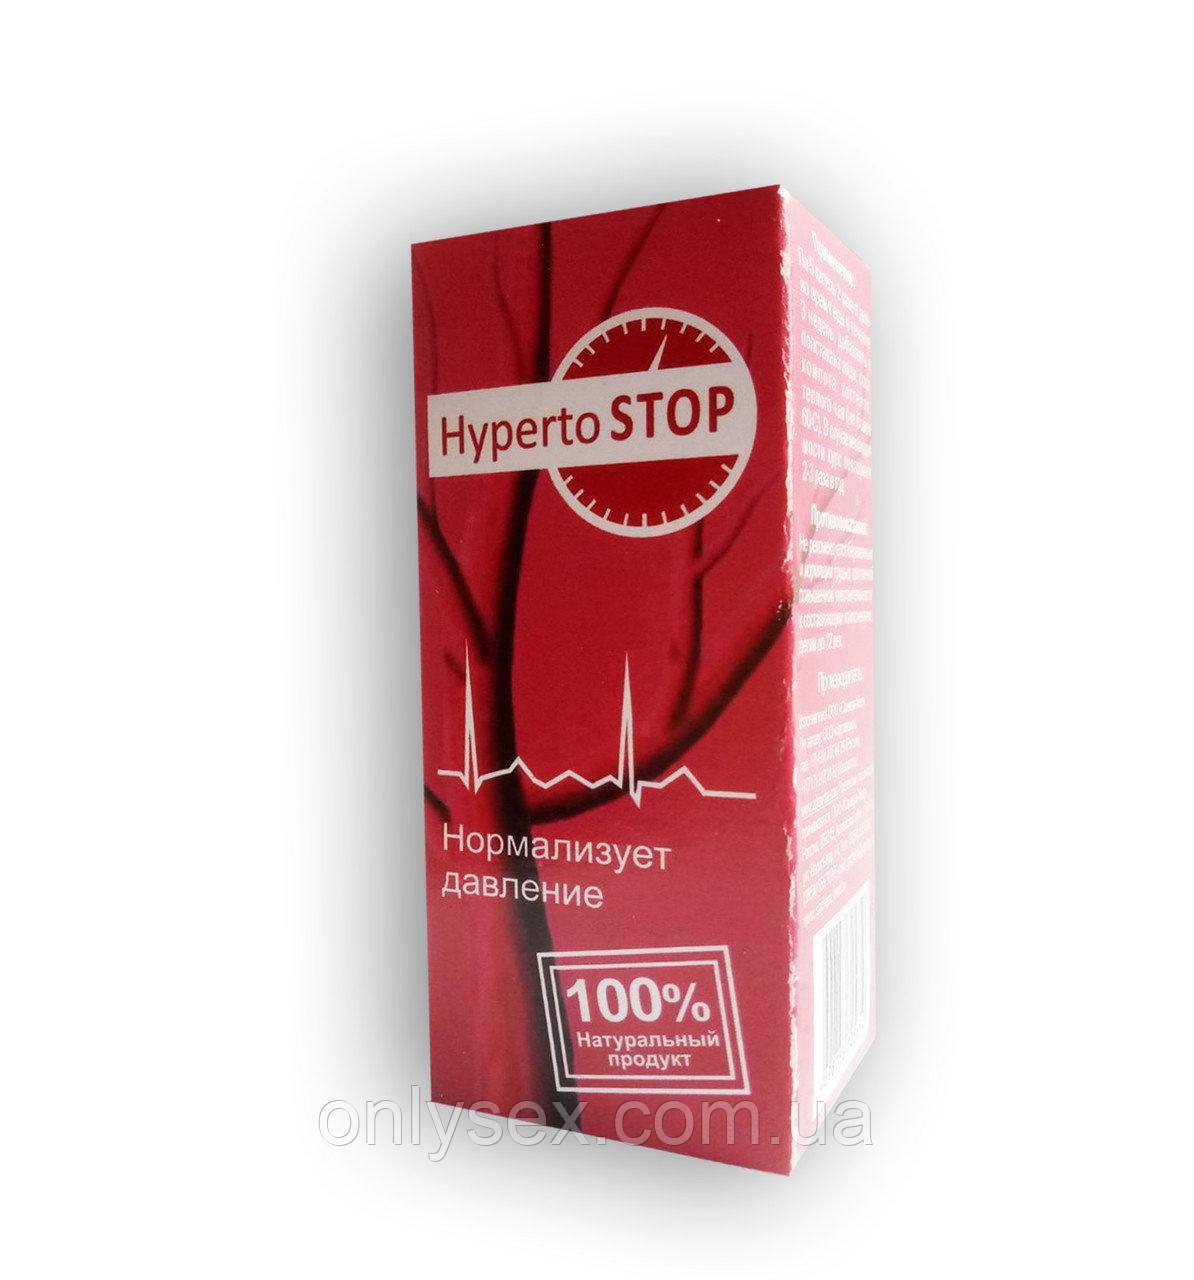 HypertoStop - Краплі від гіпертонії (ГипертоСтоп)